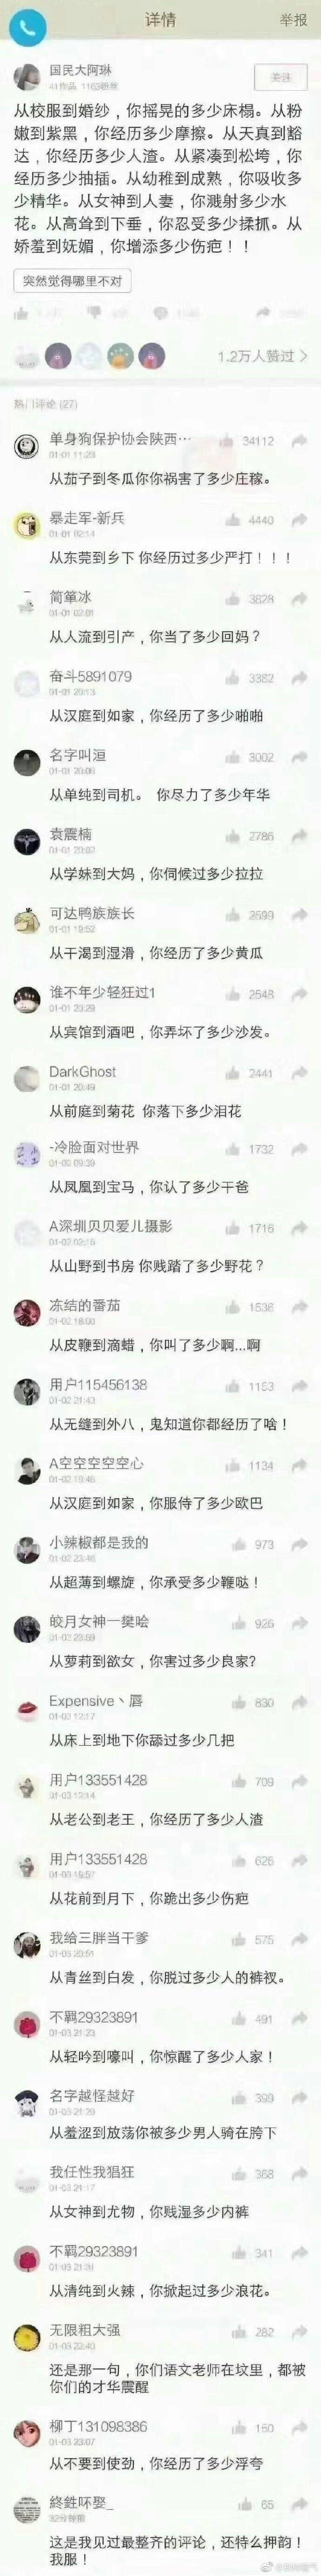 福利汇总第13期:原AKB48成员小嶋陽菜在北京 福利吧 第5张